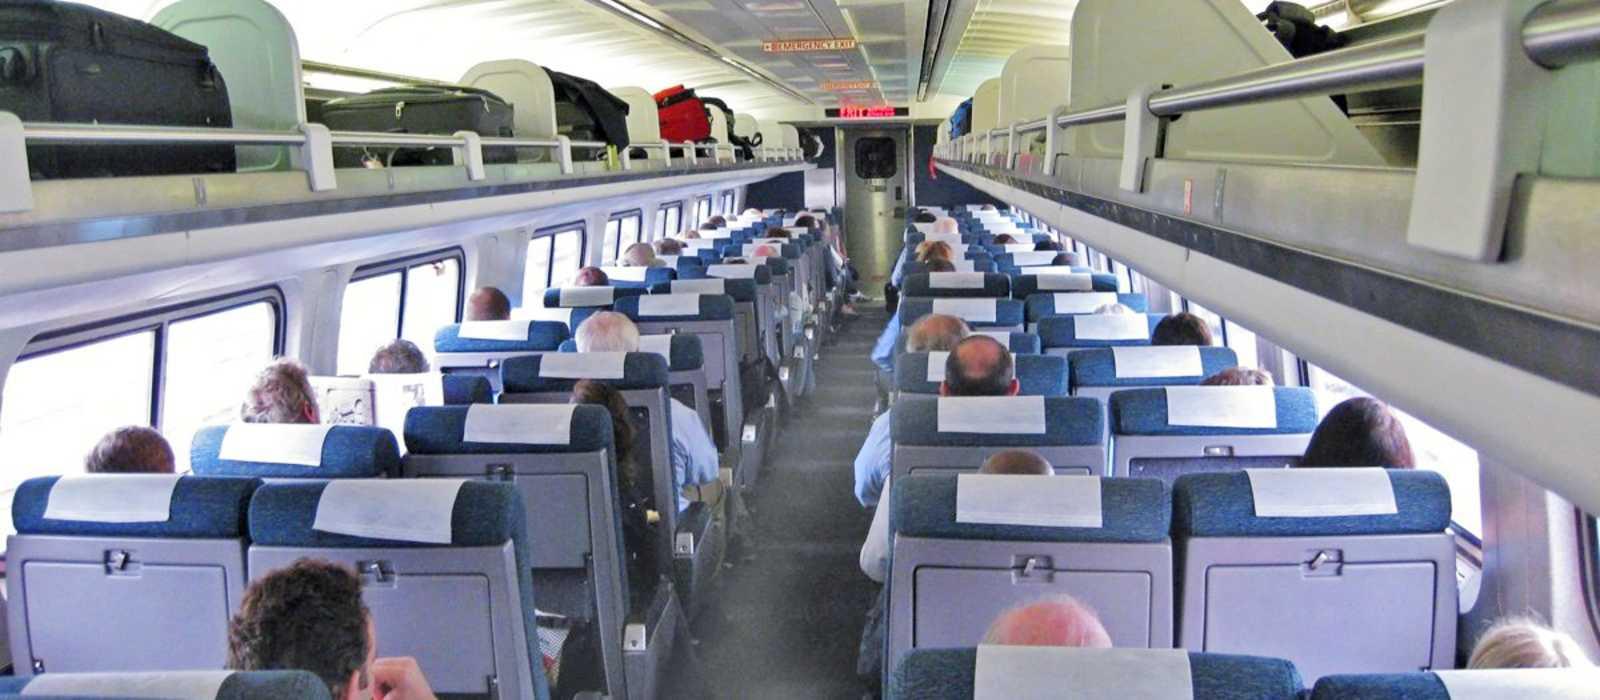 Amtrak Coach Class